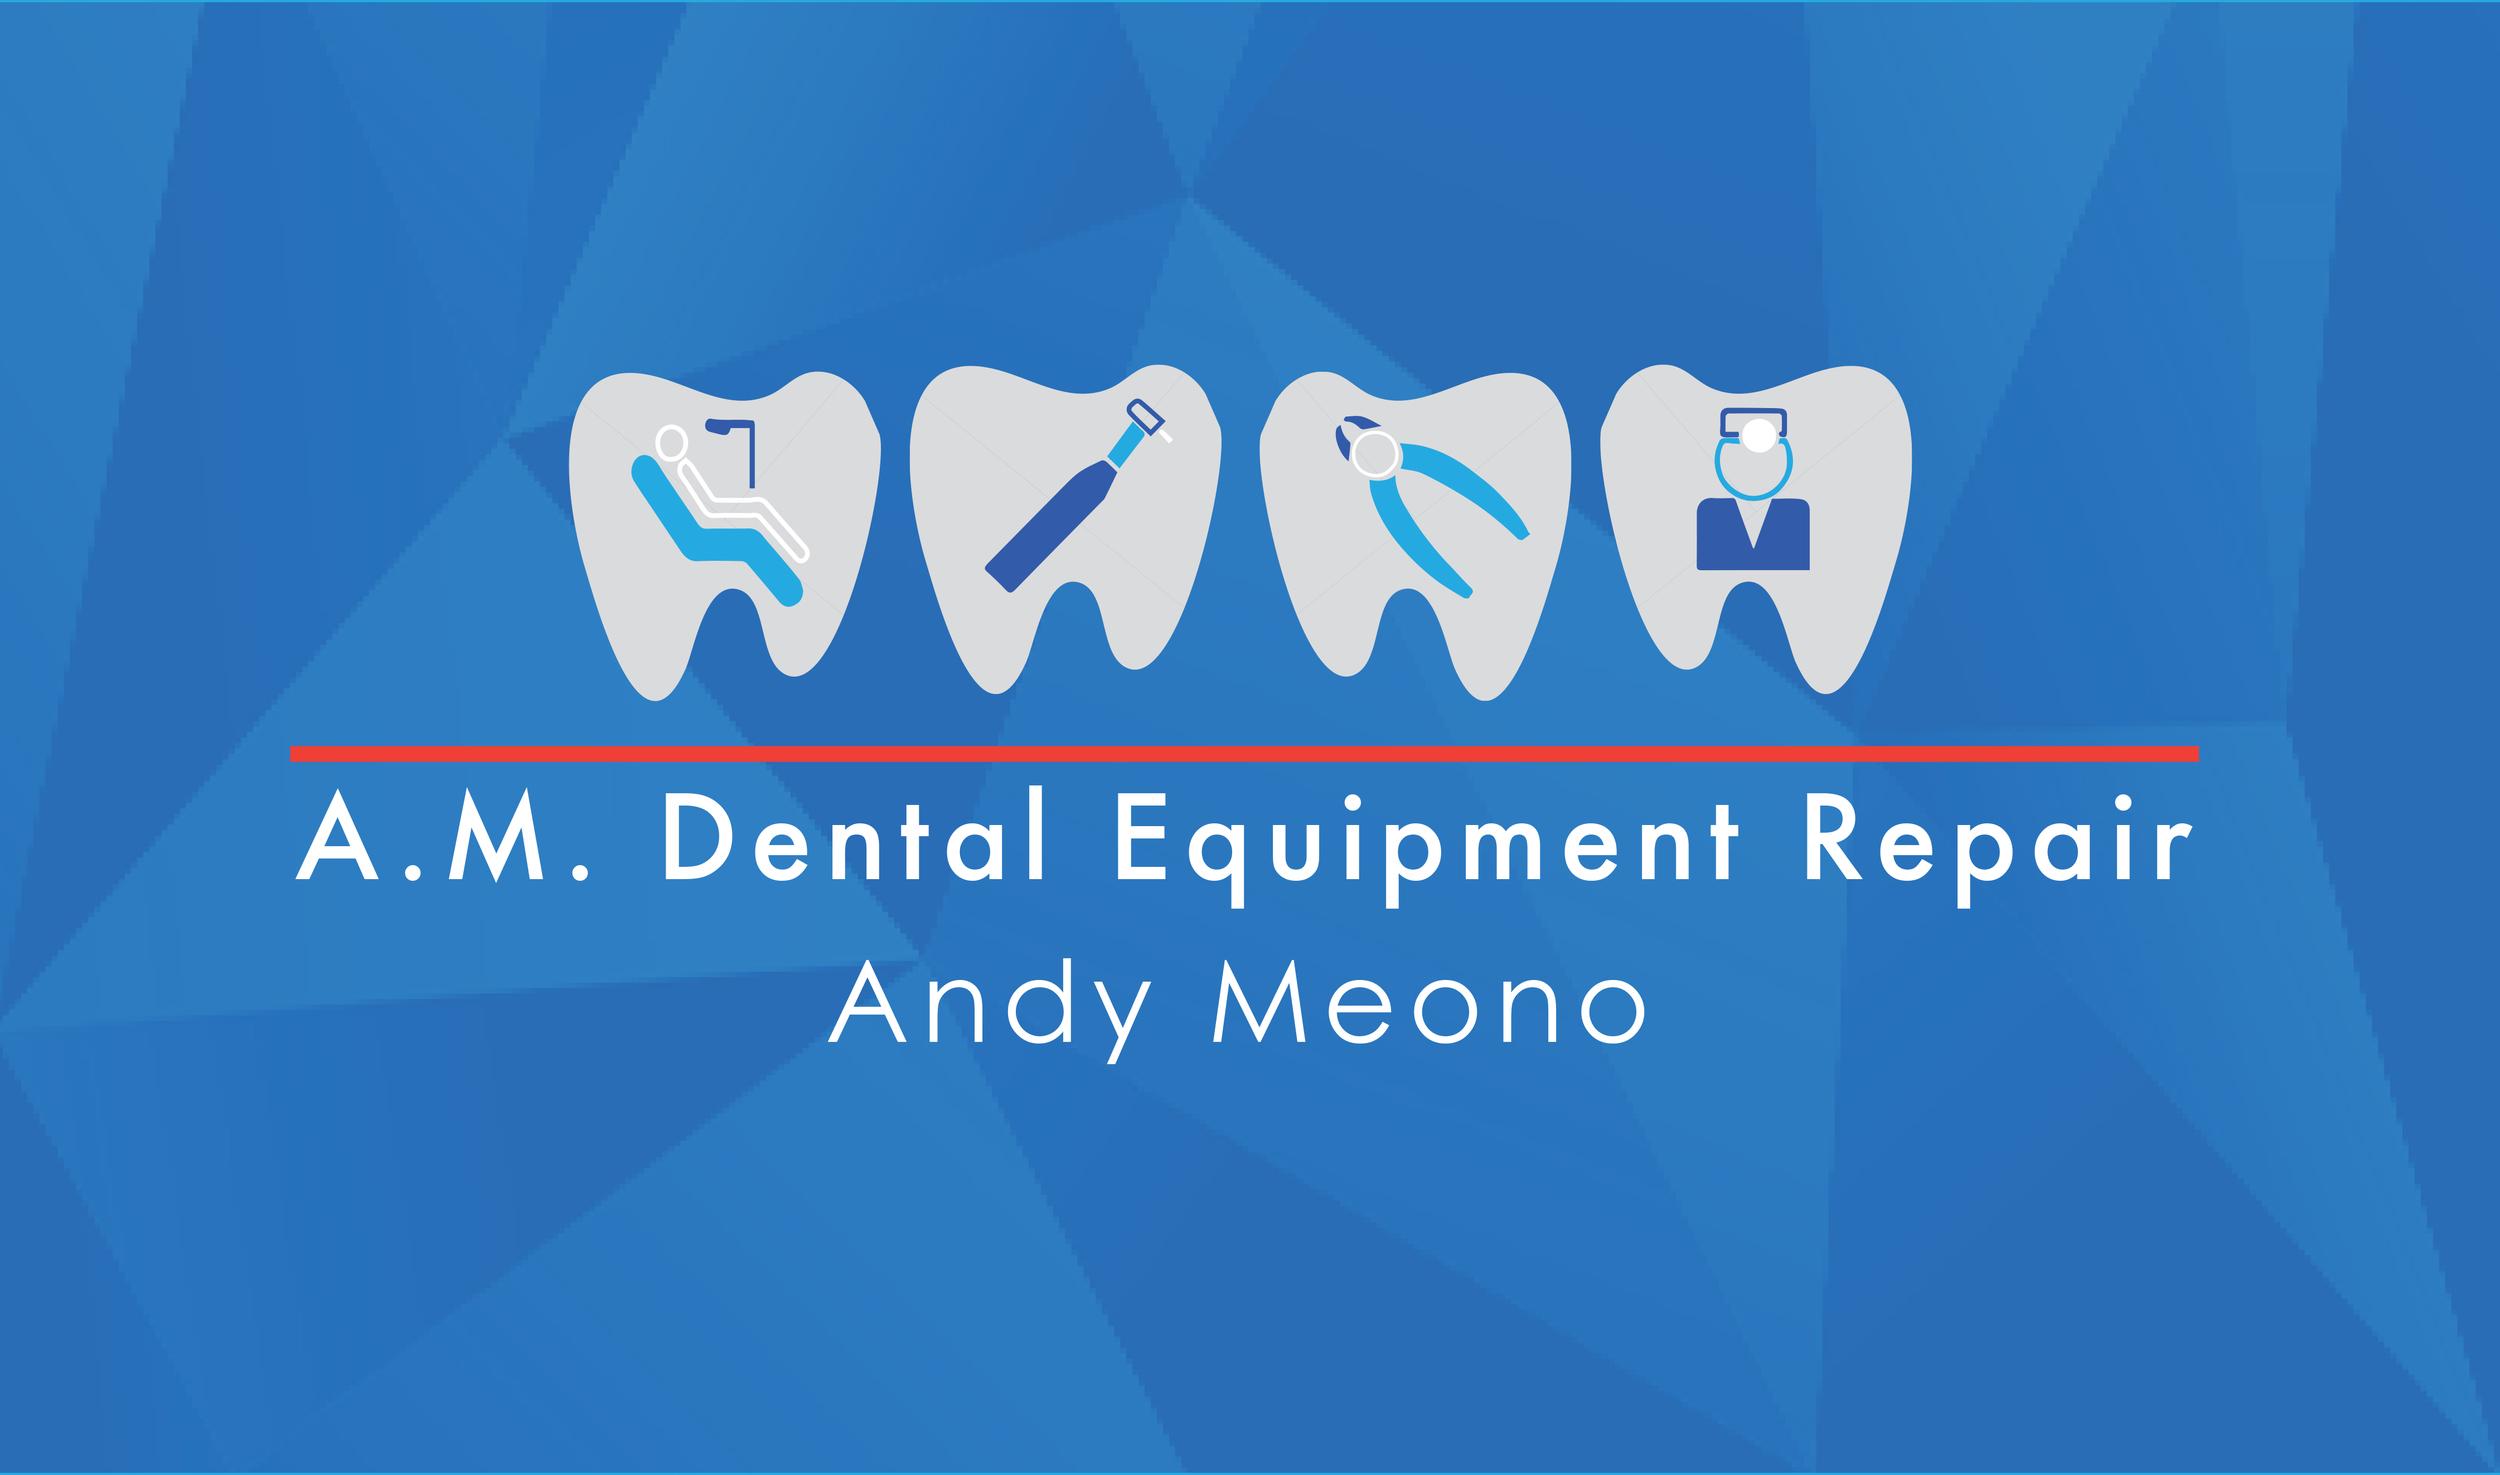 dental_final (1).jpg